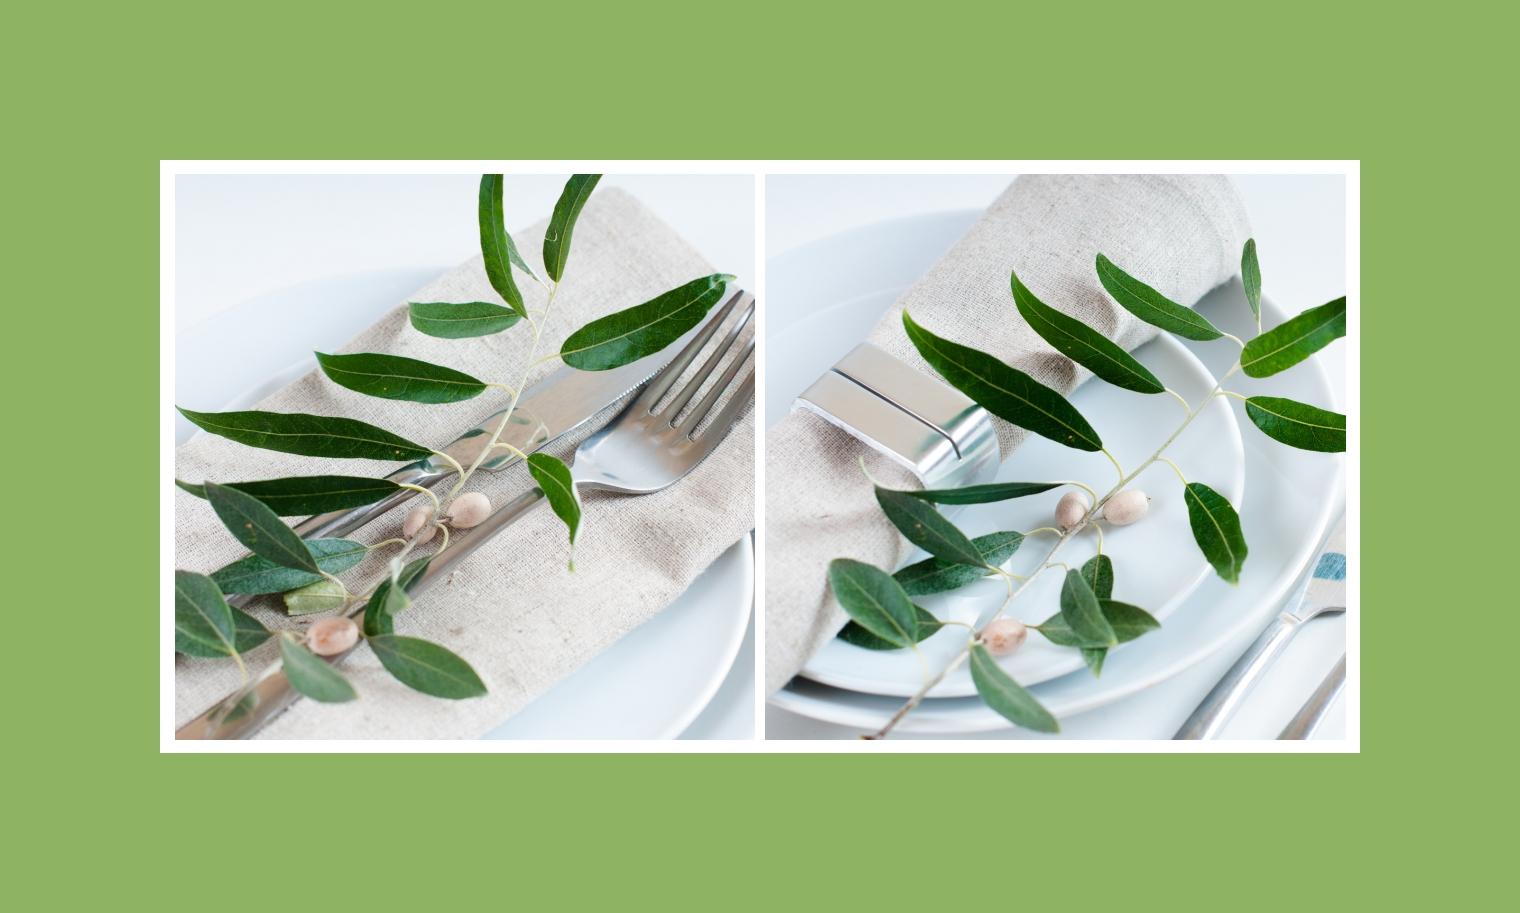 Grüne Äste und Blätter auf dem Tisch